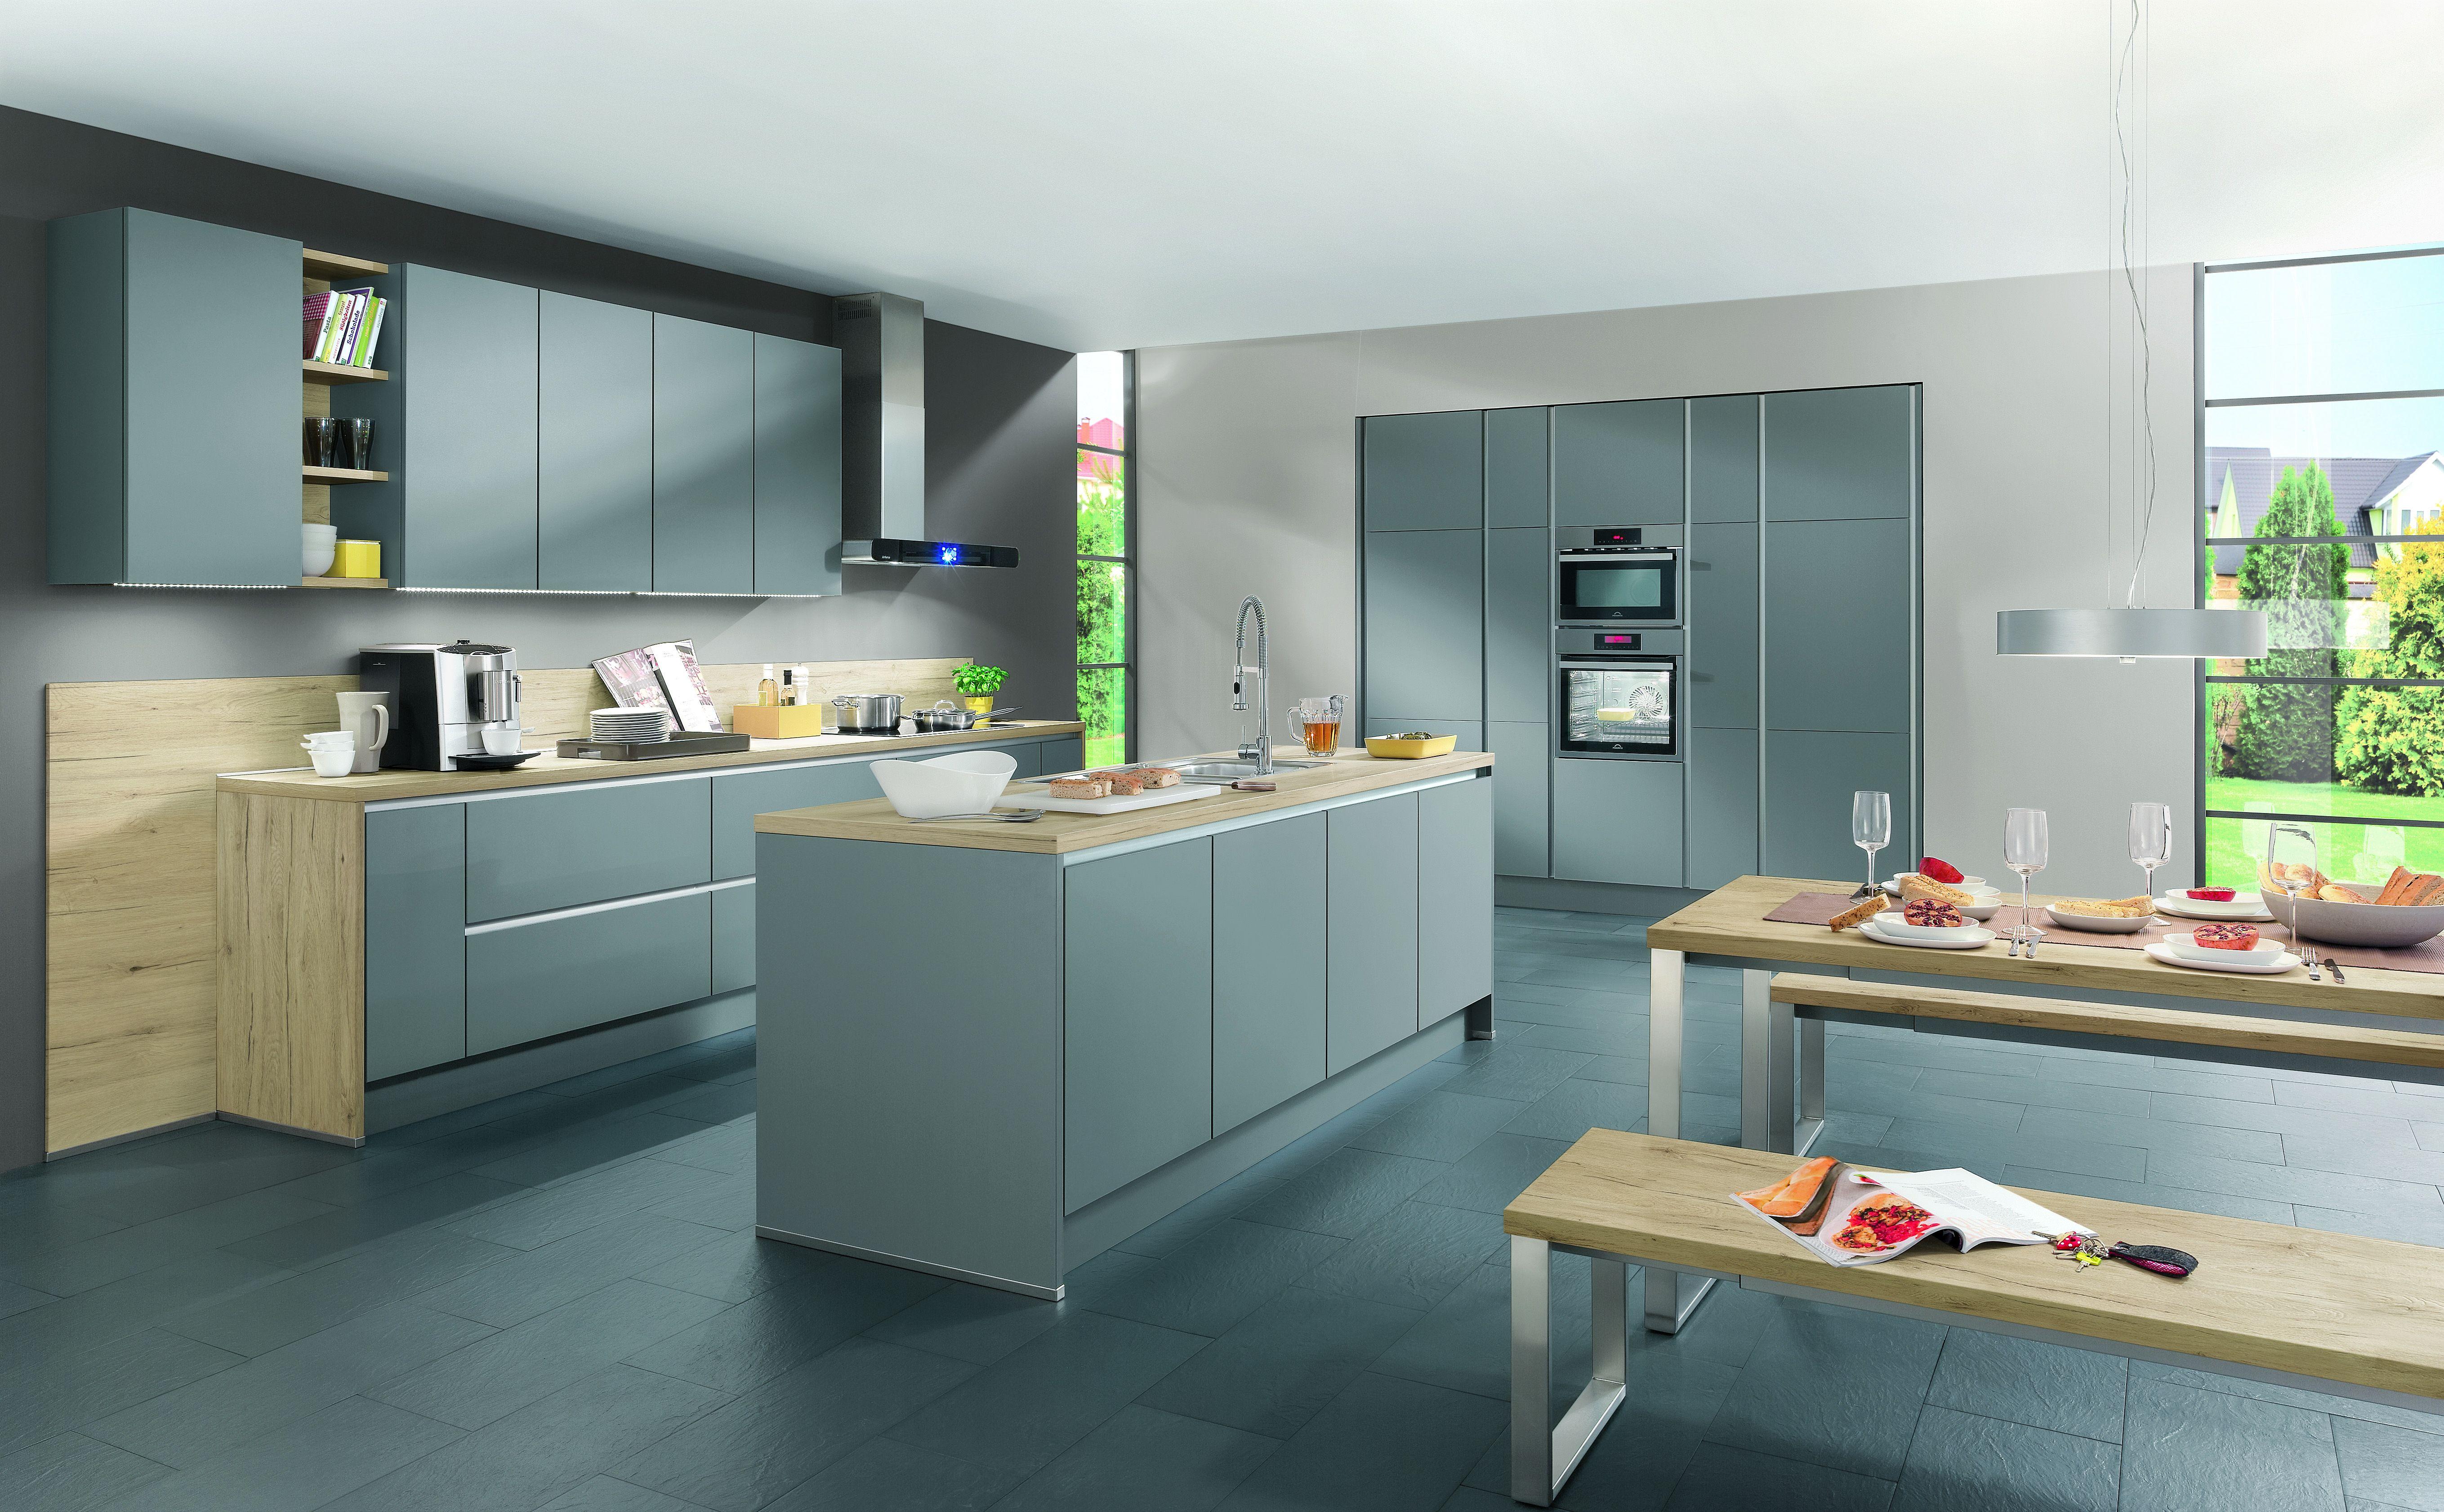 Offene kuche besonderheiten planungstipps vor nachteile for Offene küchen